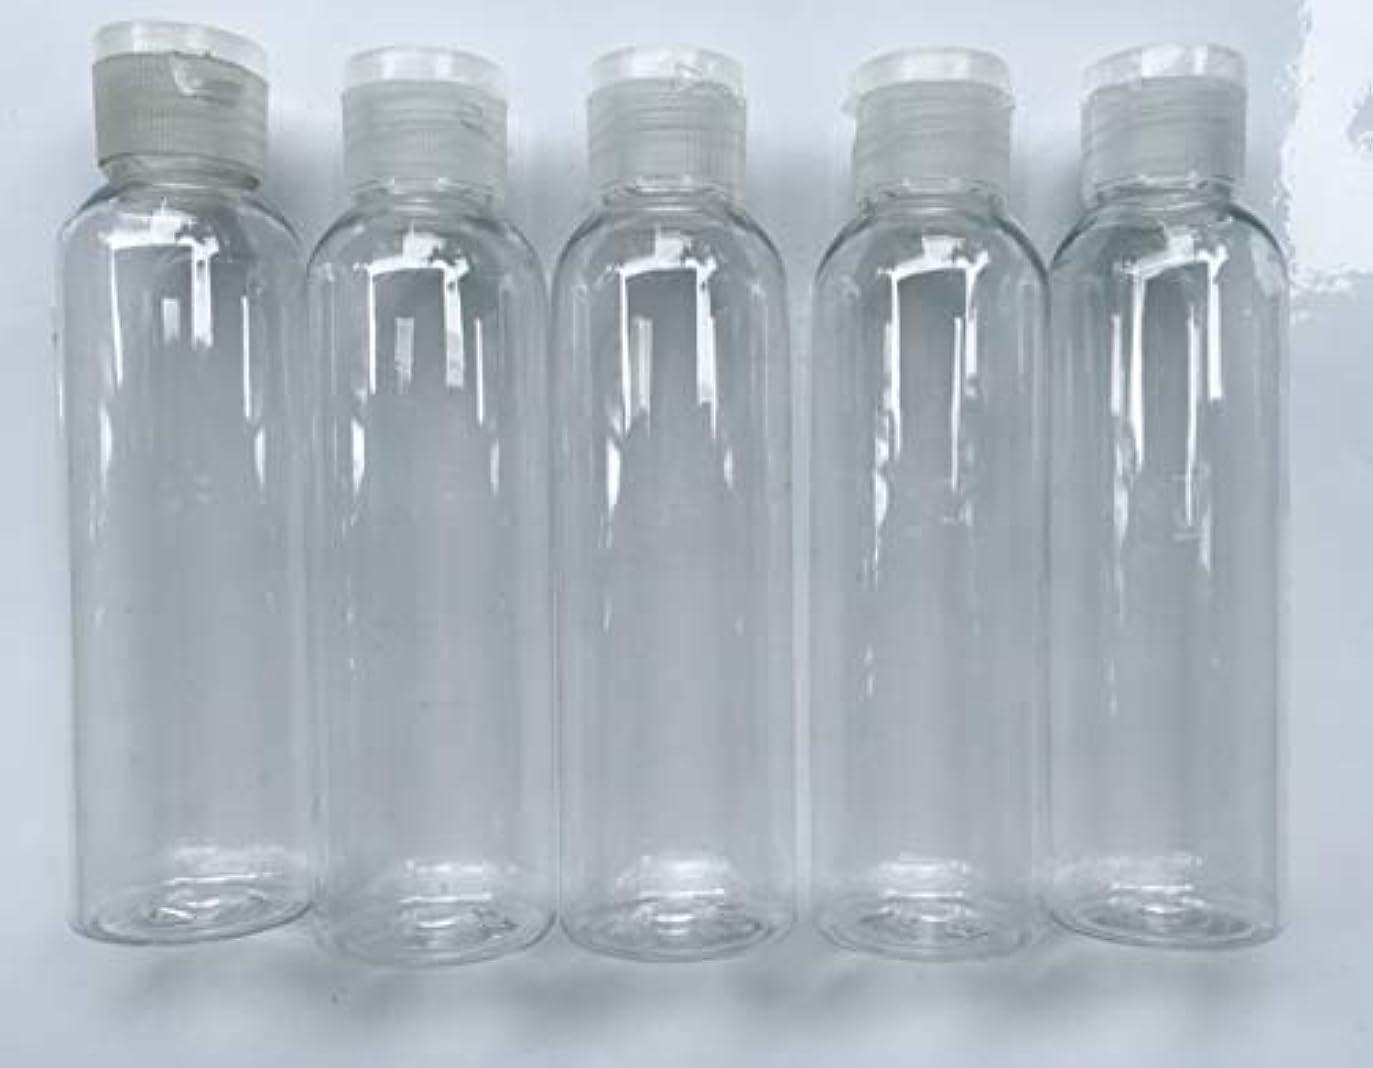 完璧な罰するエミュレーション旅行用 透明詰め替え容器150ml (クリア)携帯用トラベルボトル5本セット/シャンプー、化粧水、ローション、乳液などの基礎化粧品や調味料入れに